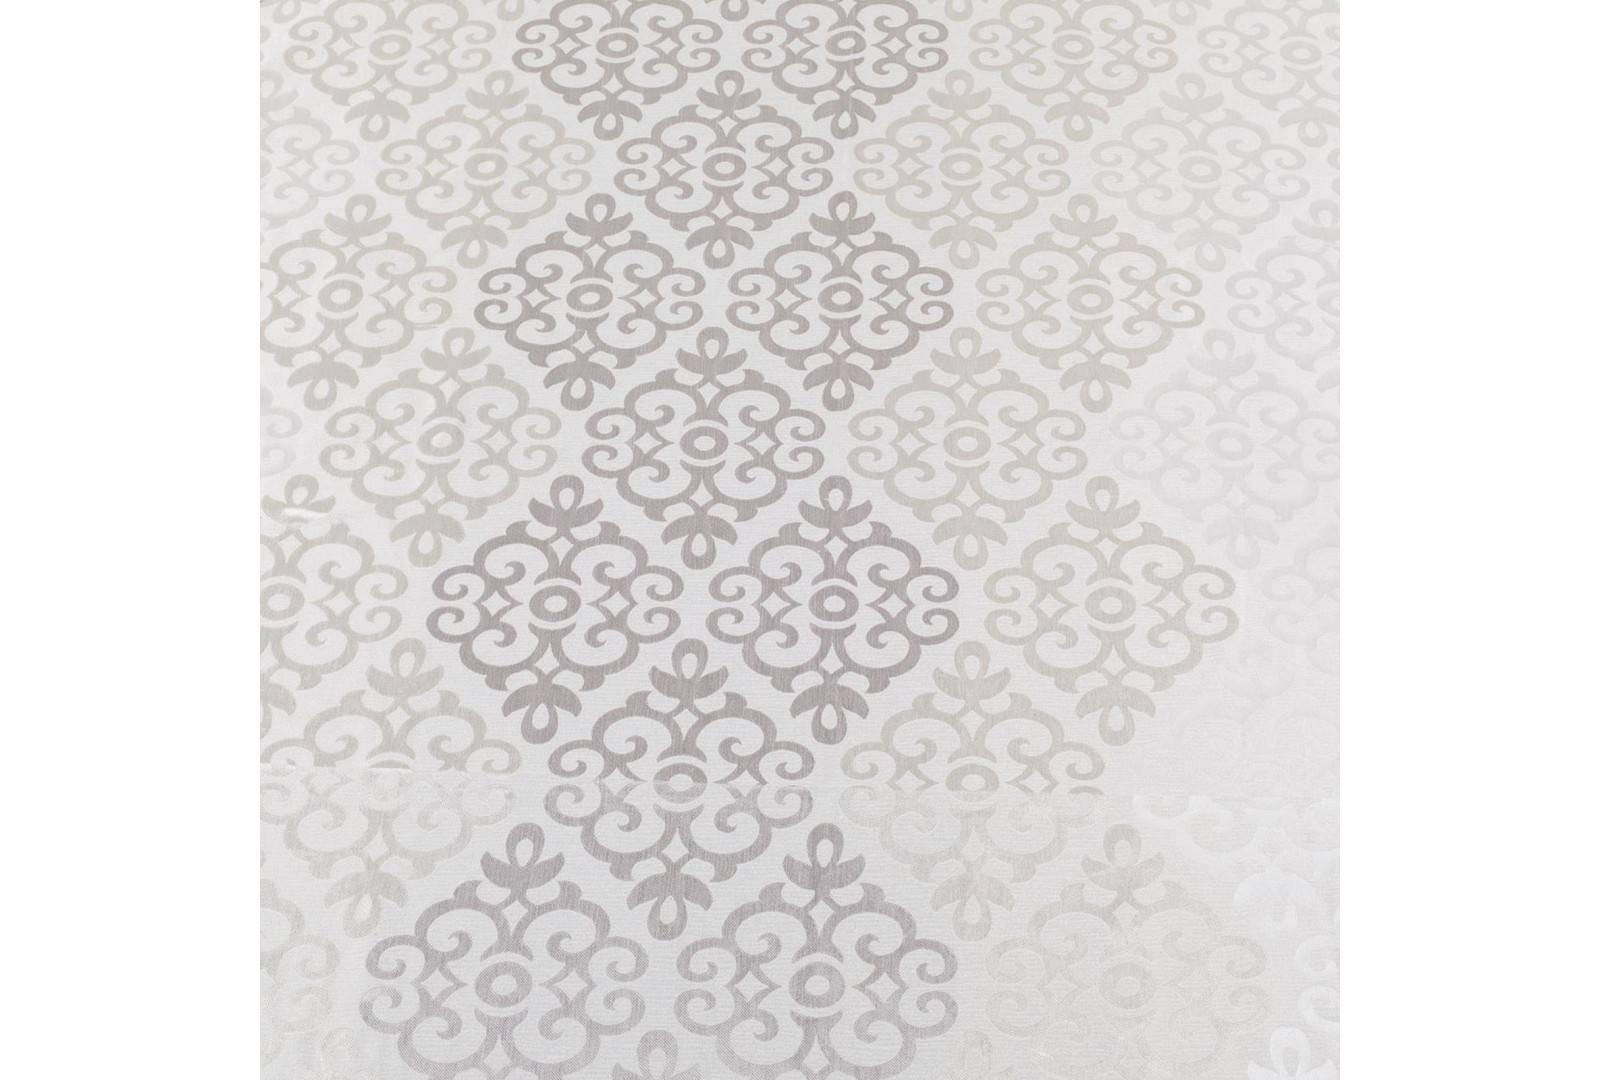 COLCHA BOUTTI BELLINI 085 - PLATA 80 cms